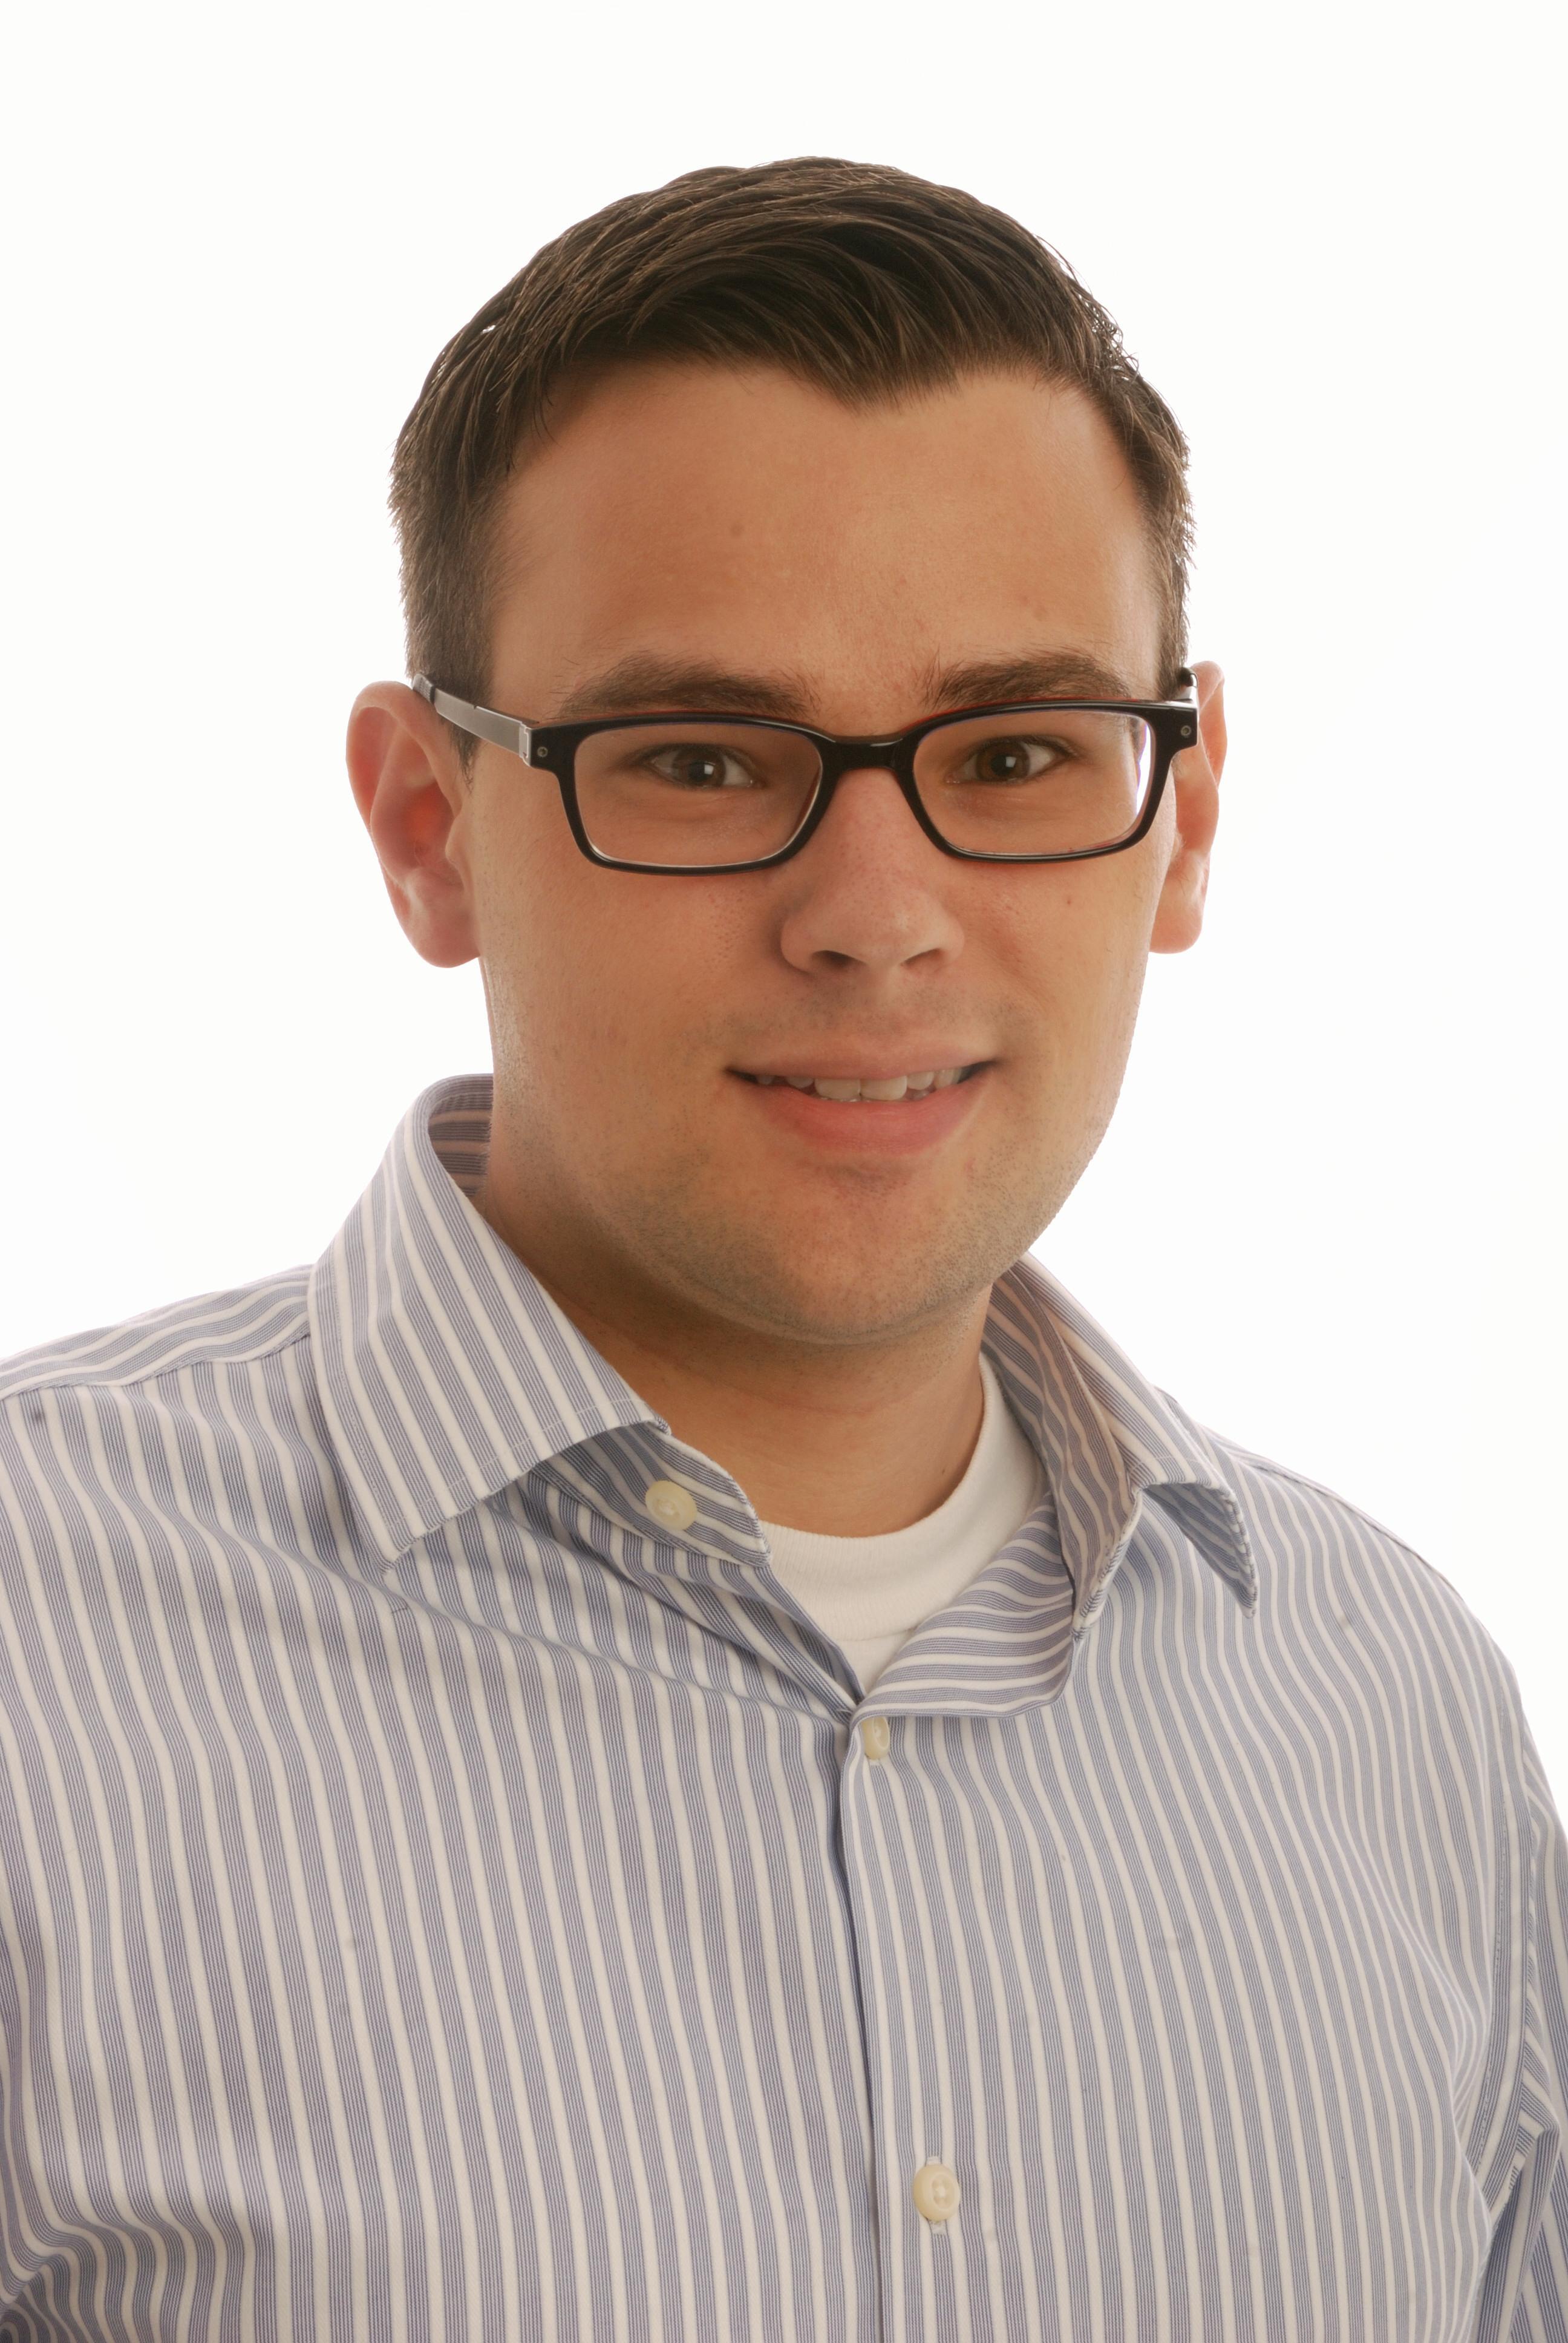 David Somheil